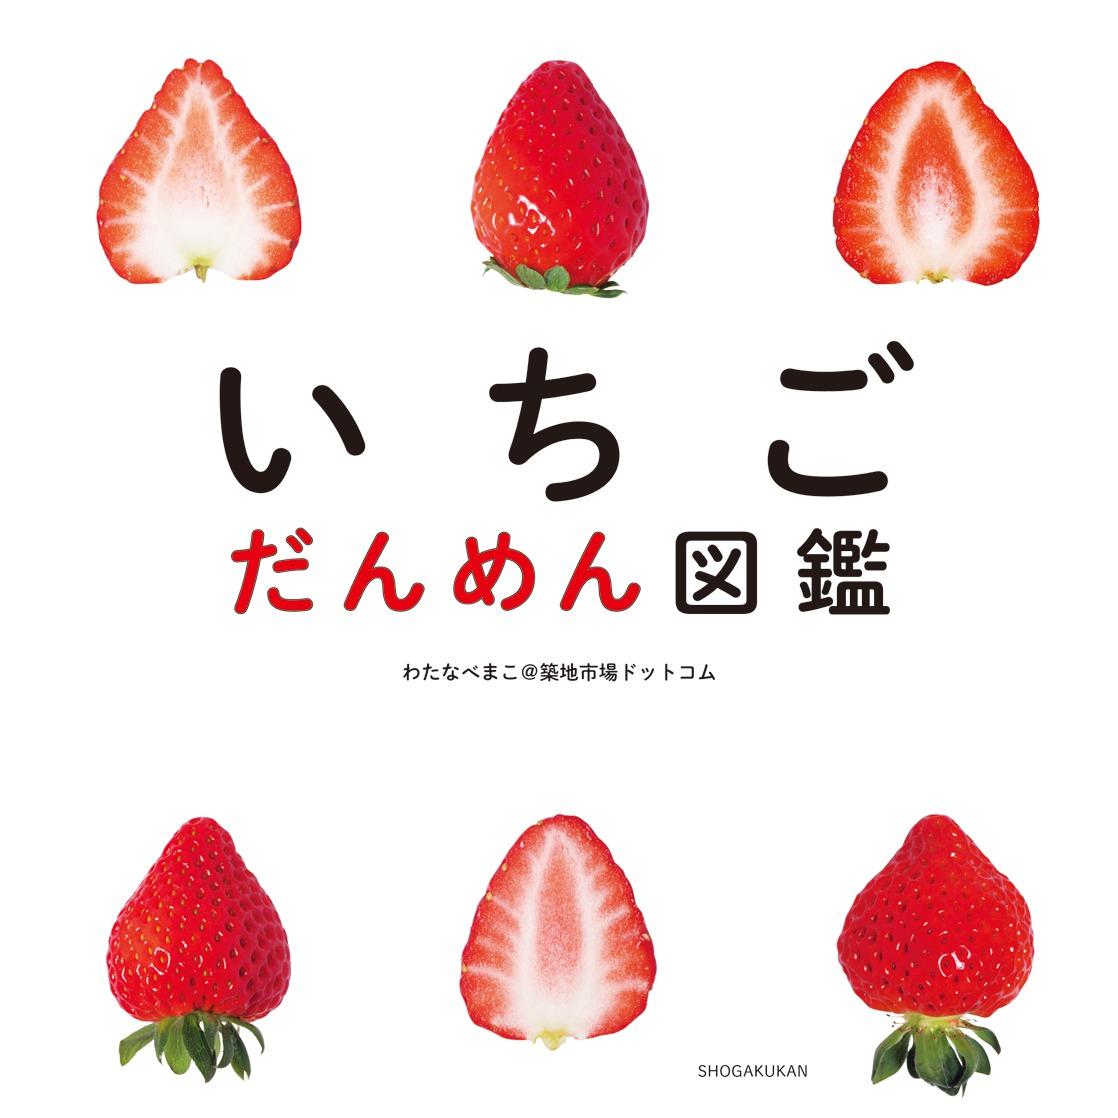 '딸기'의 단면을 모은 미니 사진 도감 발매